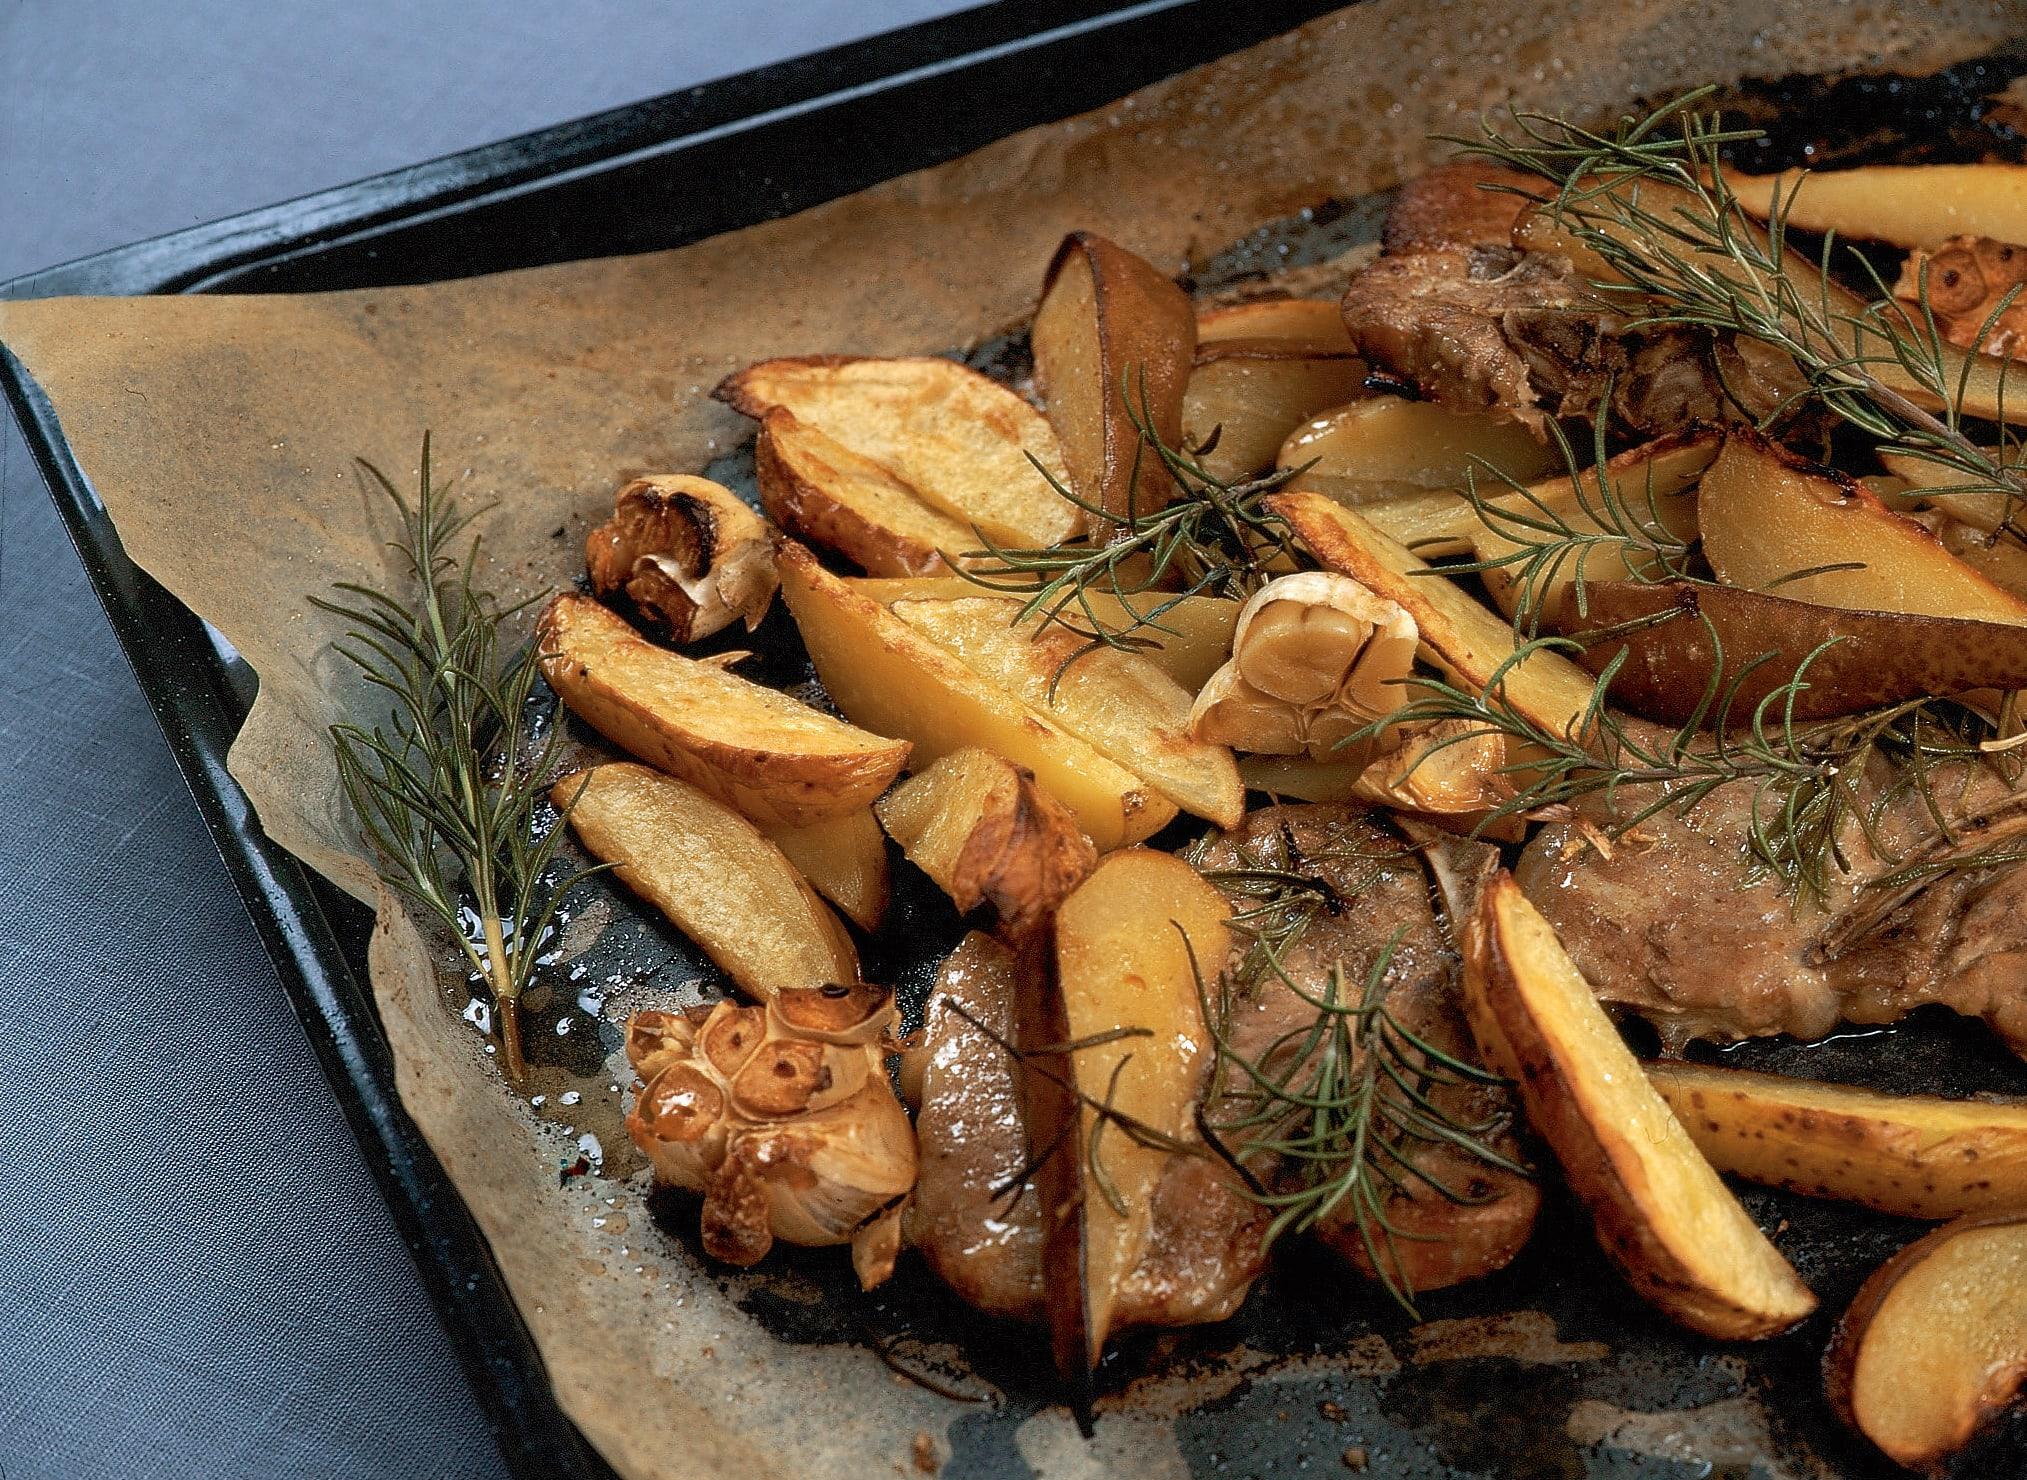 Côtelettes de porc avec pommes de terre et poires au four